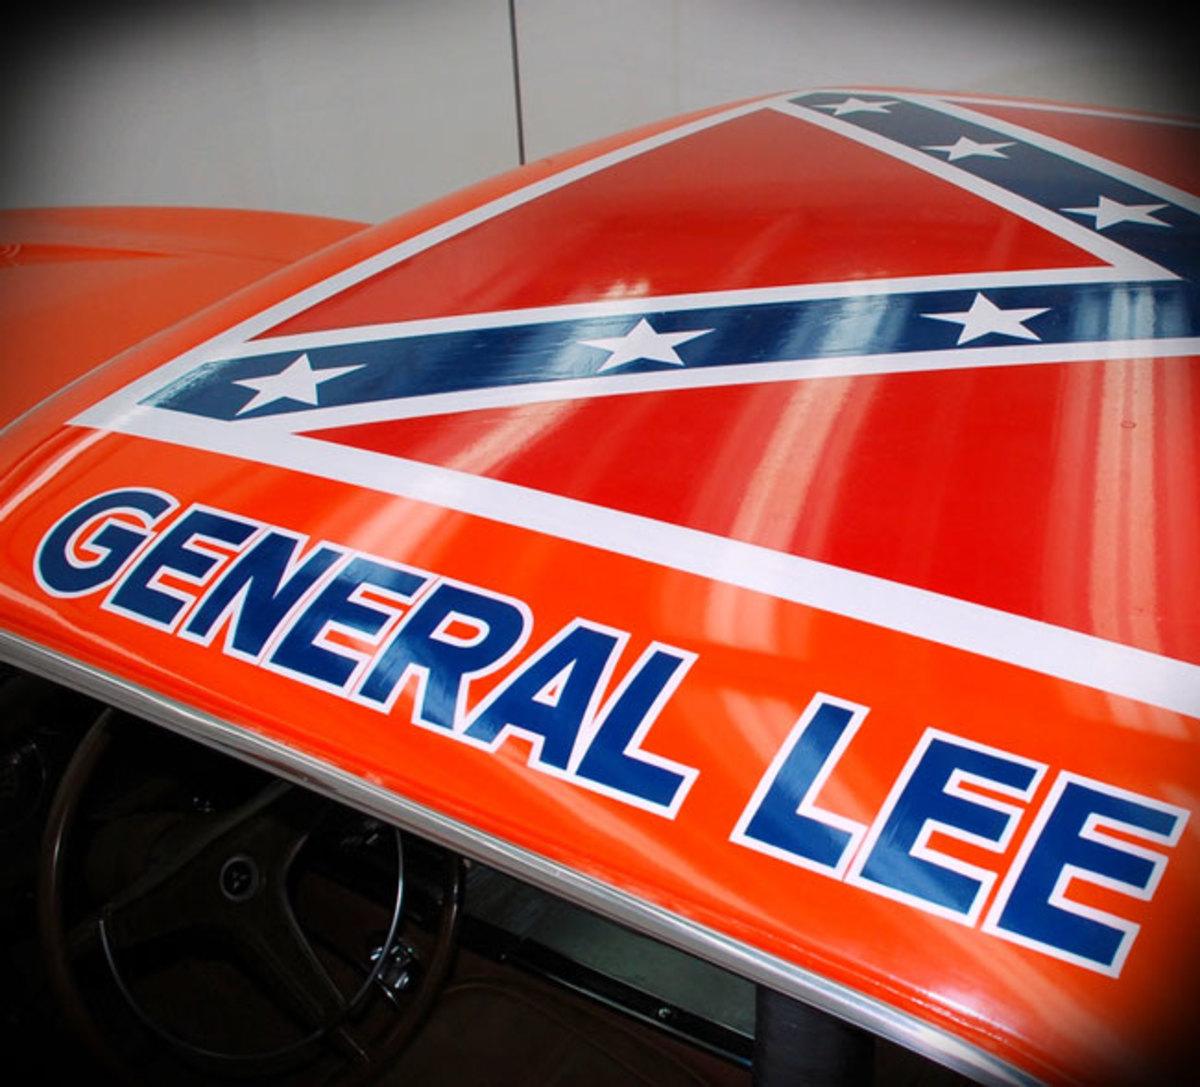 General-Lee-top2